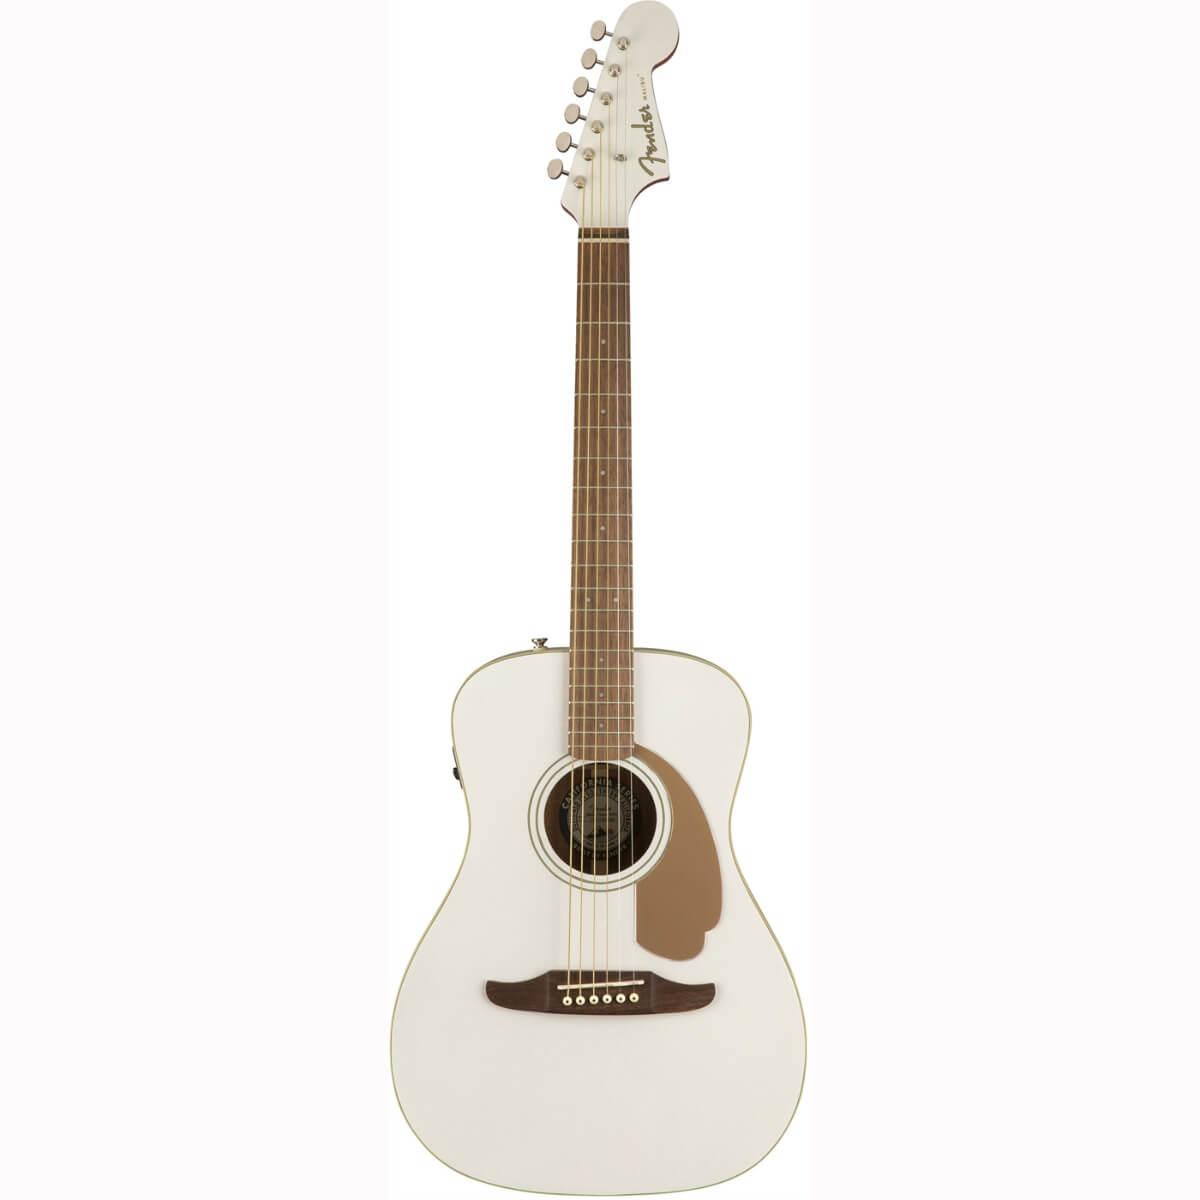 Billede af Fender Malibu Player, ARG western-guitar arctic gold